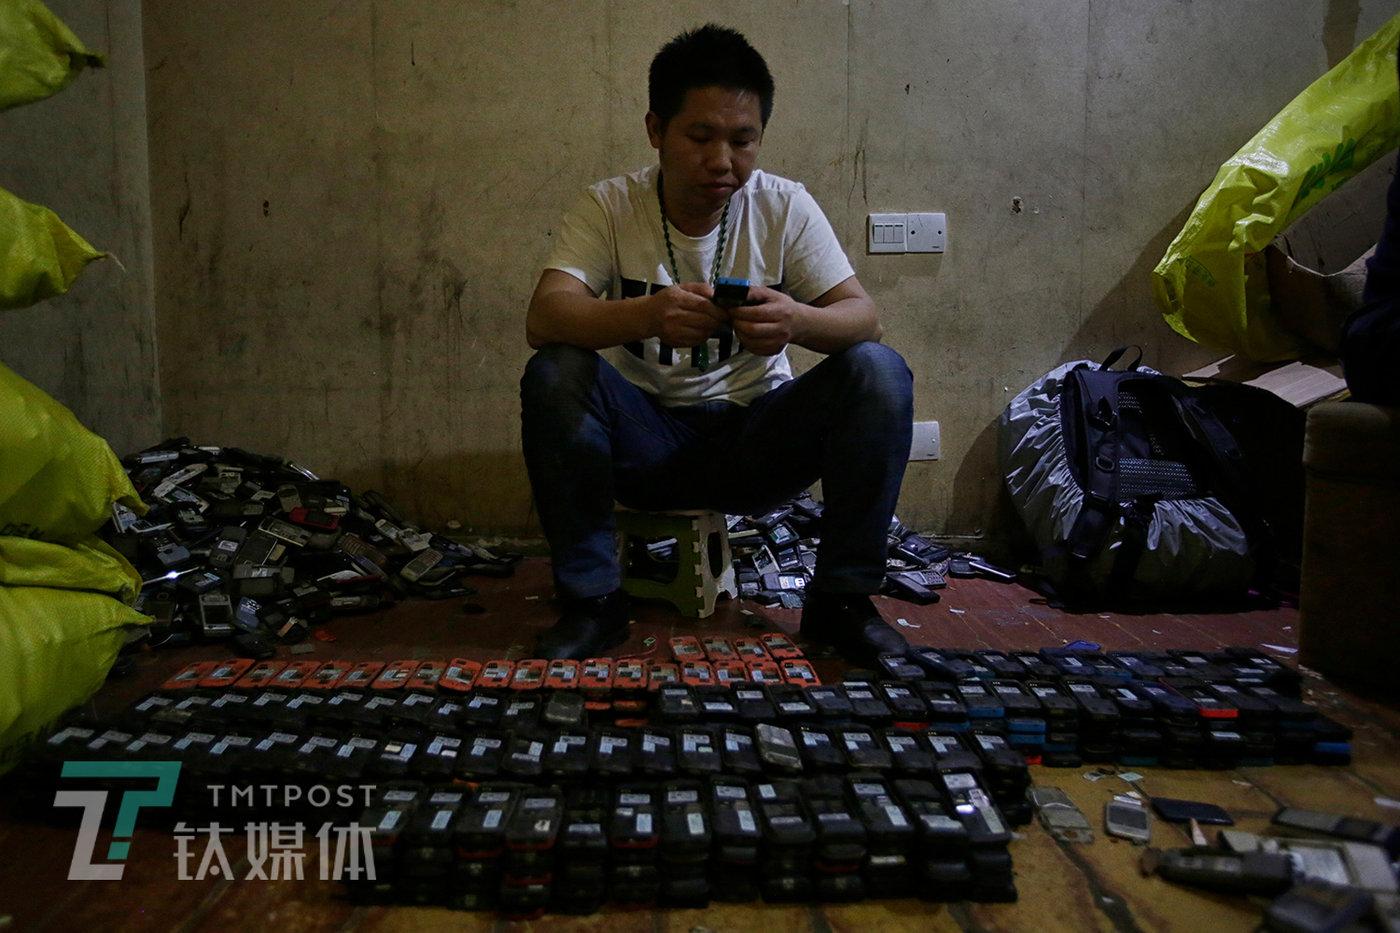 2月20日,深圳华强北附近某废旧手机回收市场,一名回收商在清点一批诺基亚功能机。这些手机中的一部分将被翻新转卖到非洲,另一部分将被送往贵屿等地用于提炼黄金。